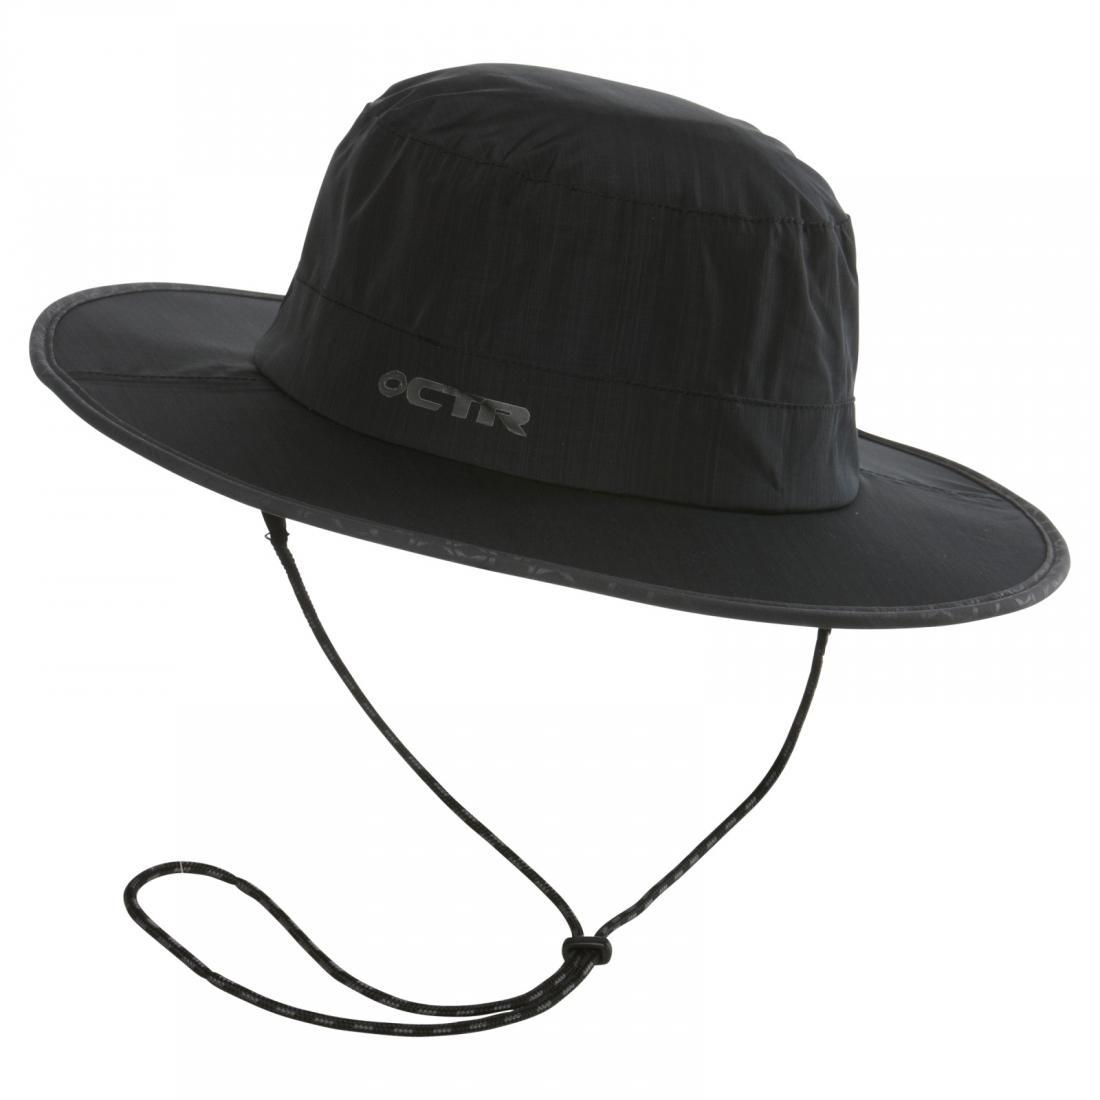 Панама Chaos  Stratus Boat HatПанамы<br><br> Удобная панама классической формы Stratus Boat Hat — это стильное решение для путешественников от фирмы Chaos. Она пригодится вам в любую погоду — и в дождь, и в солнечный день. Лаконичный дизайн позволяет носить эту модель как мужчинам, так и женщ...<br><br>Цвет: Черный<br>Размер: L-XL